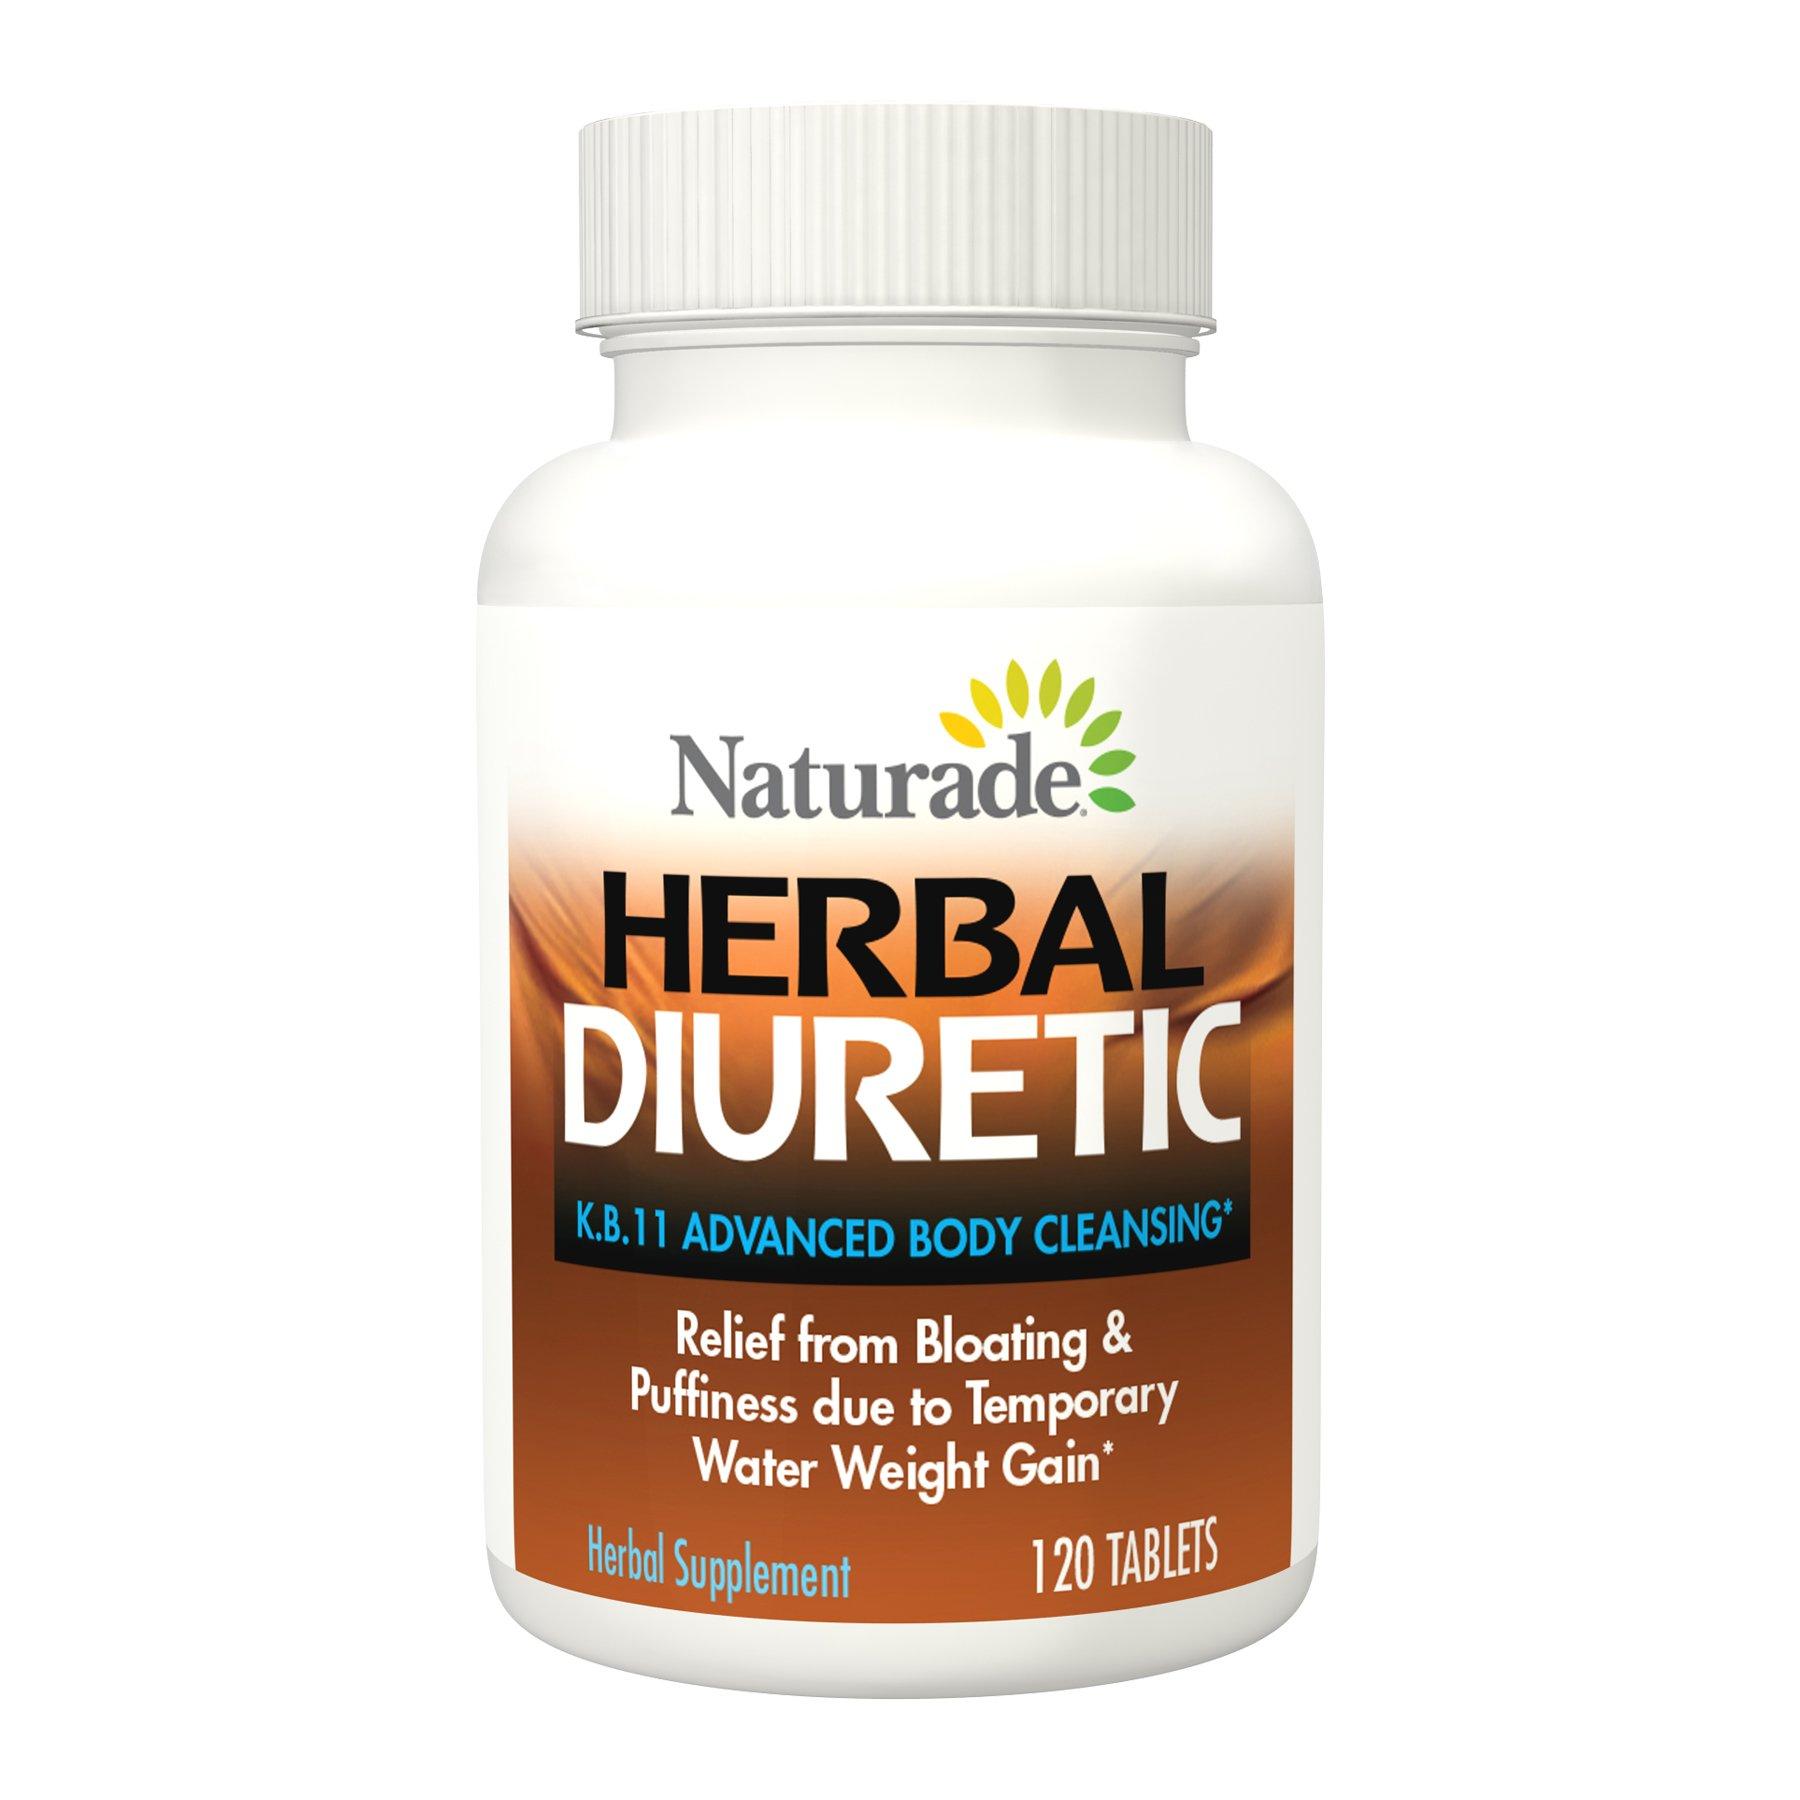 Naturade Herbal Diuretic (K.B.11) (Pack of 3) by Naturade